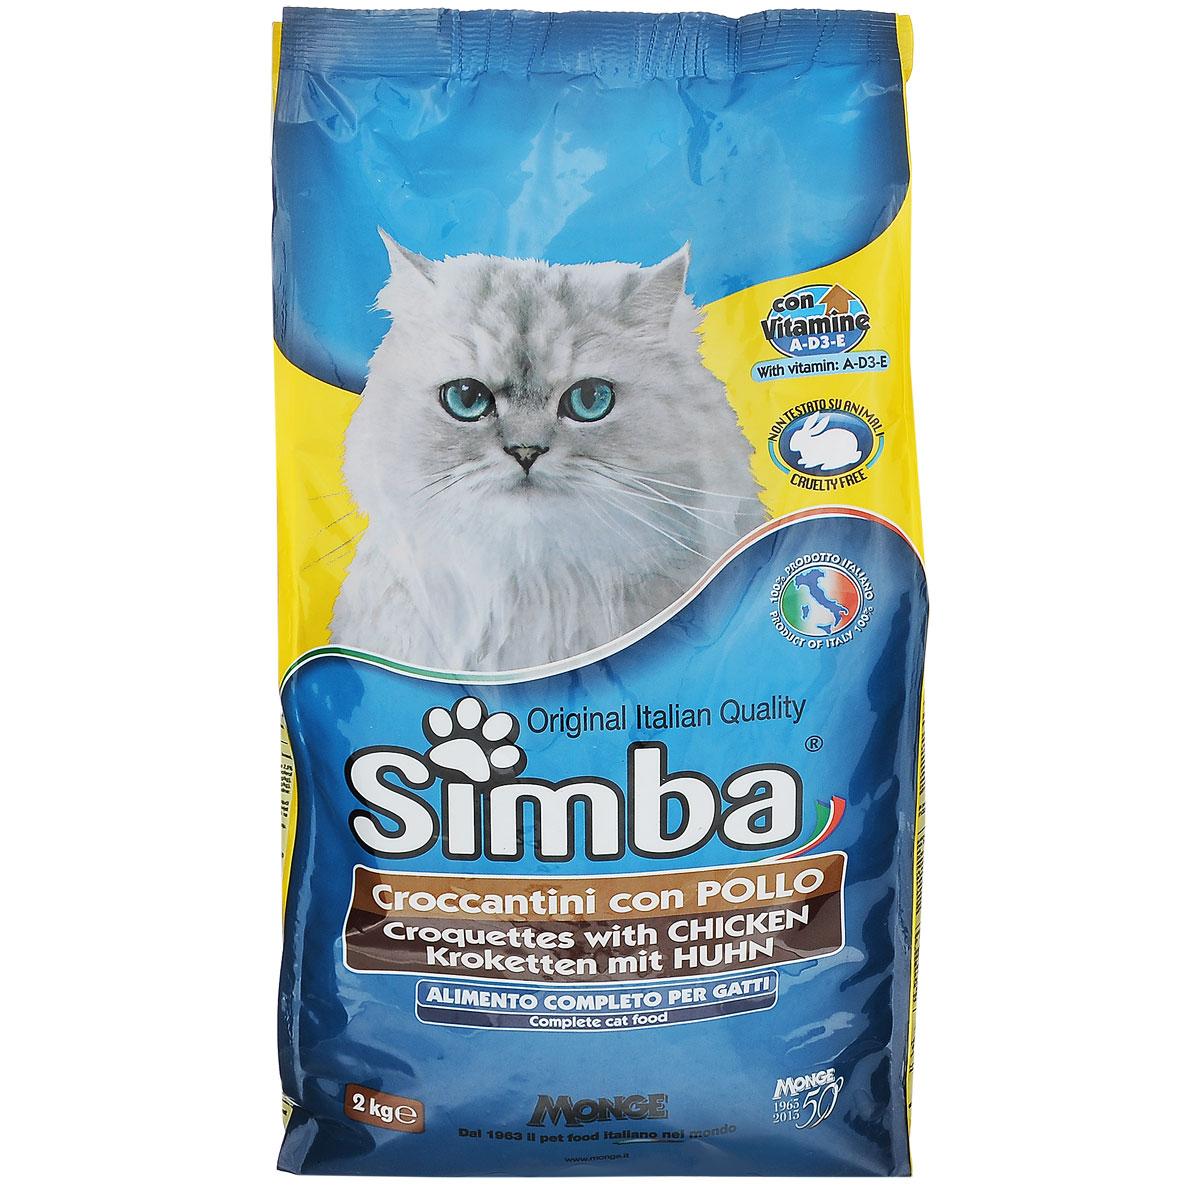 Корм сухой для кошек Monge Simba, с курицей, 2 кг70016063Сухой корм для кошек Monge Simba - комплексный сбалансированный корм для кошек. Хрустики с куриным мясом. Состав: злаки, мясо и мясопродукты (куриное мясо мин. 5%), субпродукты растительного происхождения, растительные масла, жиры, дрожжи, минеральные вещества. Анализ компонентов: белок 26%, необработанные масла и жиры 11%, необработанные пищевые волокна 2,5%, необработанная зола 8,5%. Пищевые добавки (на 1 кг): витамин А 11500 МЕ, витамин D3 800 МЕ, витамин Е 80 мг, сульфат марганца 43 мг (марганец 15 мг), оксид цинка 90 мг (цинк 60 мг), сульфат меди 22 мг (медь 5,5 мг), сульфат железа 150 мг (железо 50 мг), селенид натрия 0,20 мг (селен 0,09 мг), йодид кальция 1,15 мг (йод 0,7мг). Аминокислоты: таурин 500 мг/кг. Вес: 2 кг. Товар сертифицирован.